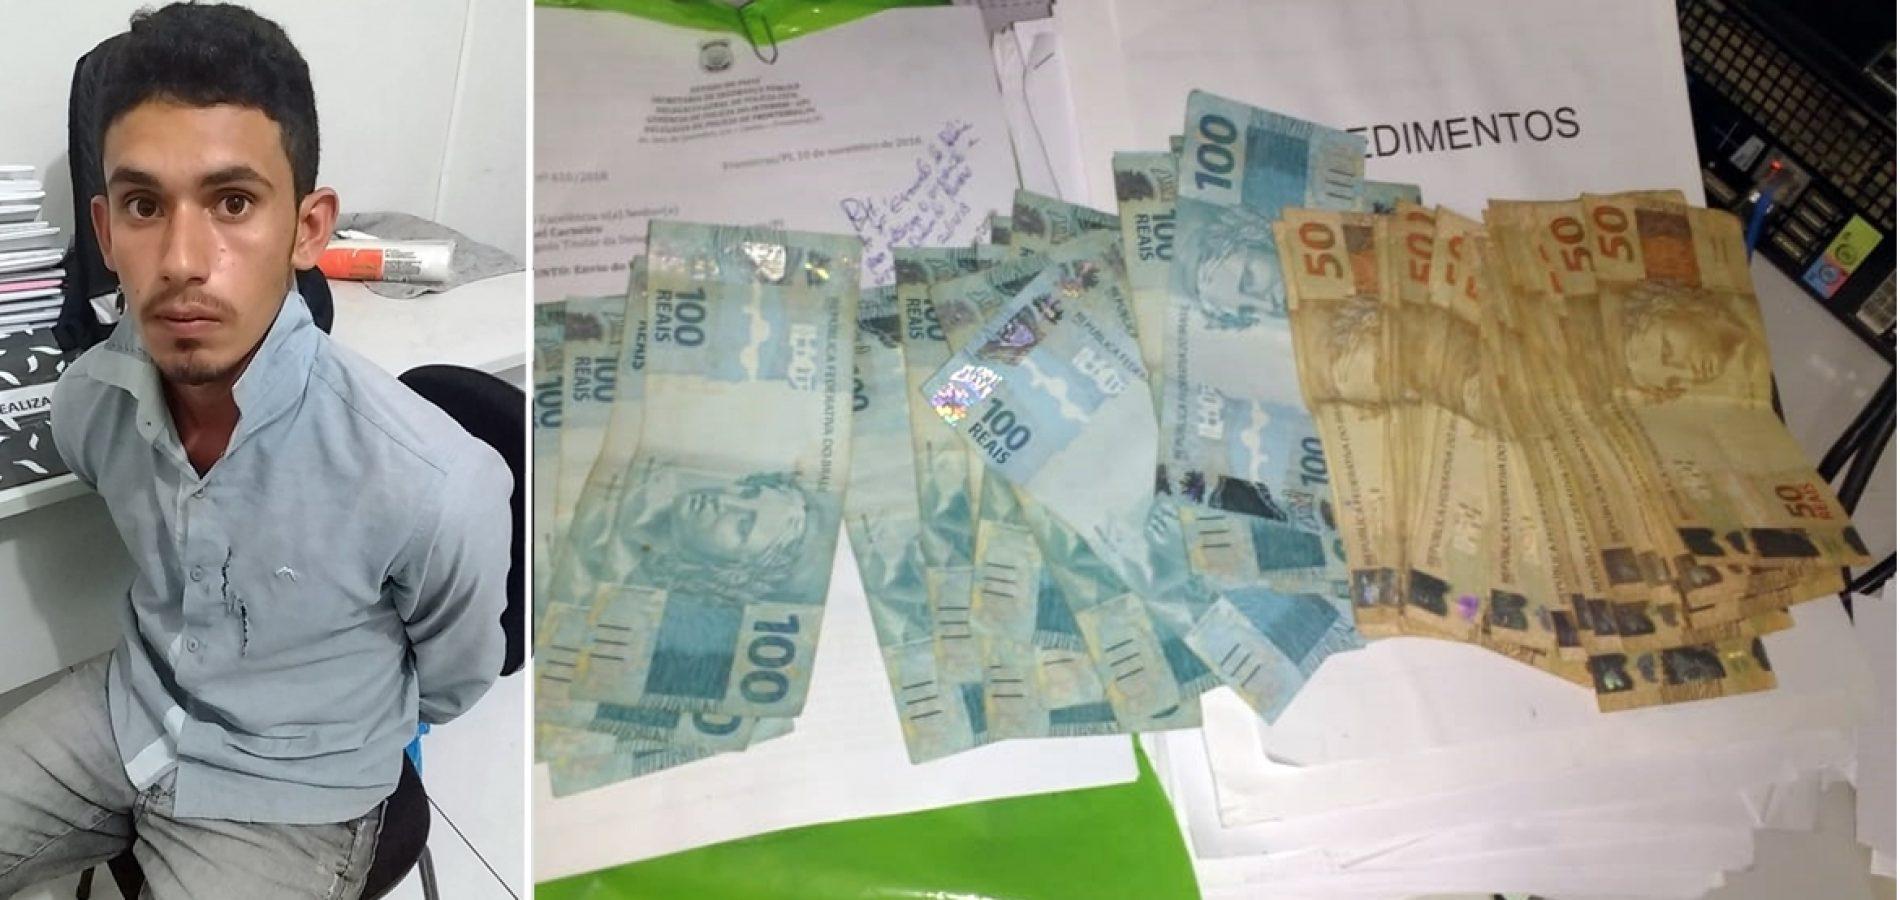 Em Jaicós, homem é preso após aplicar golpe na feira livre e furtar R$ 4 mil; dinheiro foi recuperado